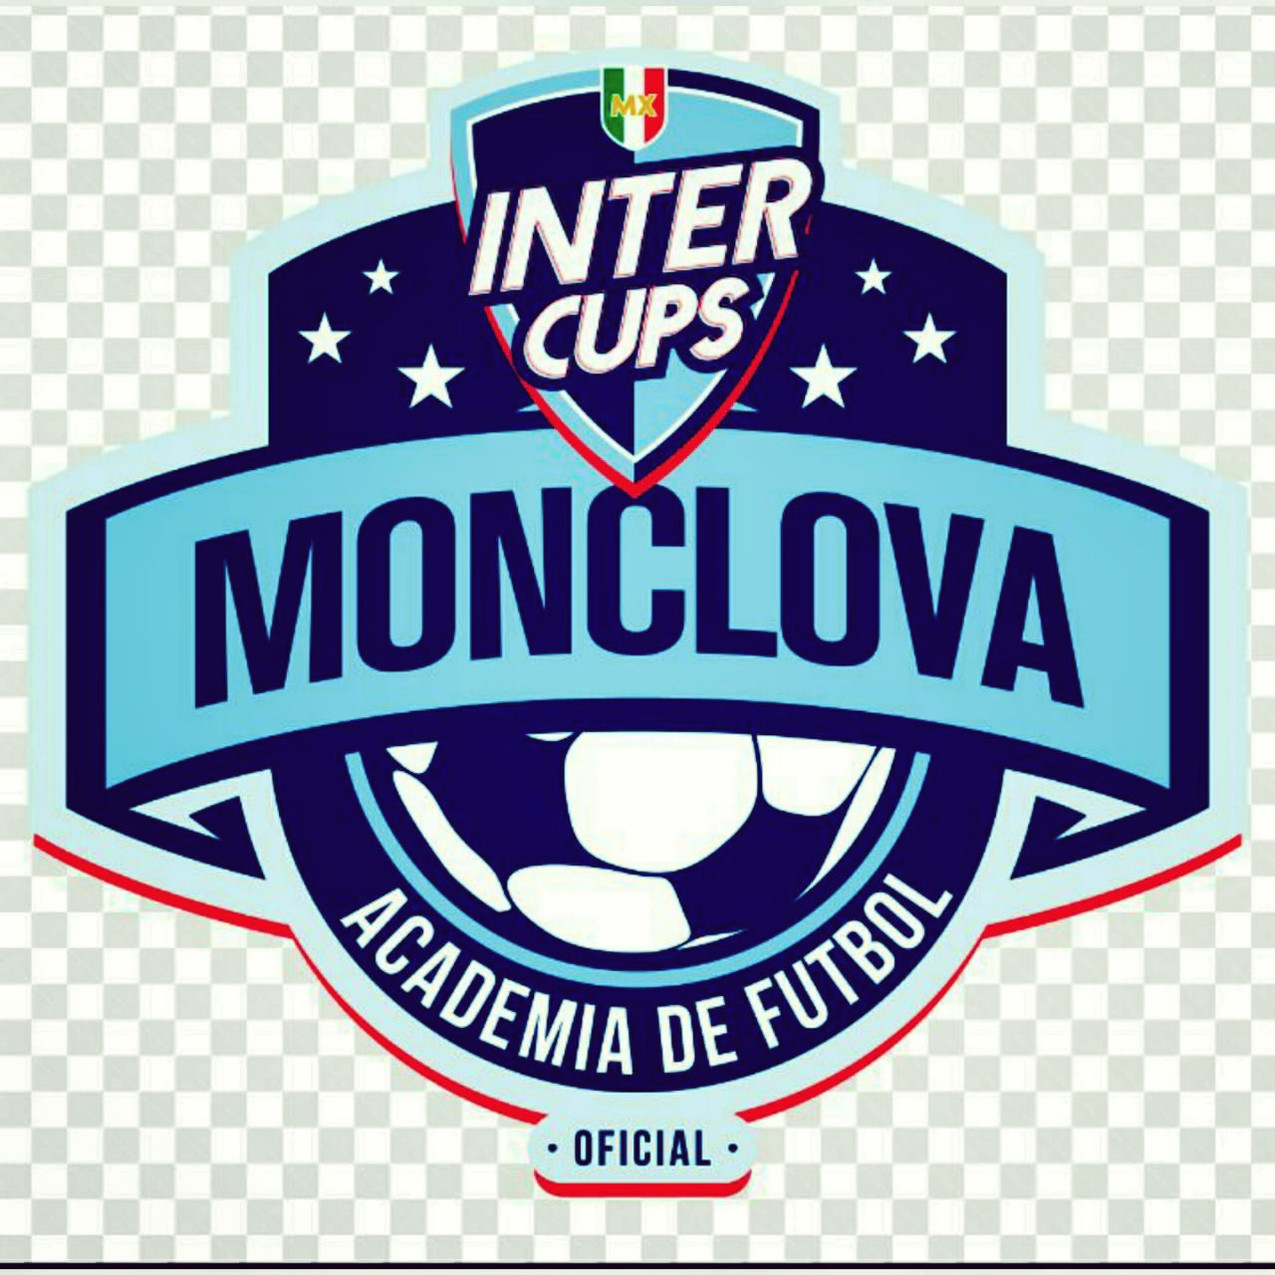 Intercups Monclova 2004